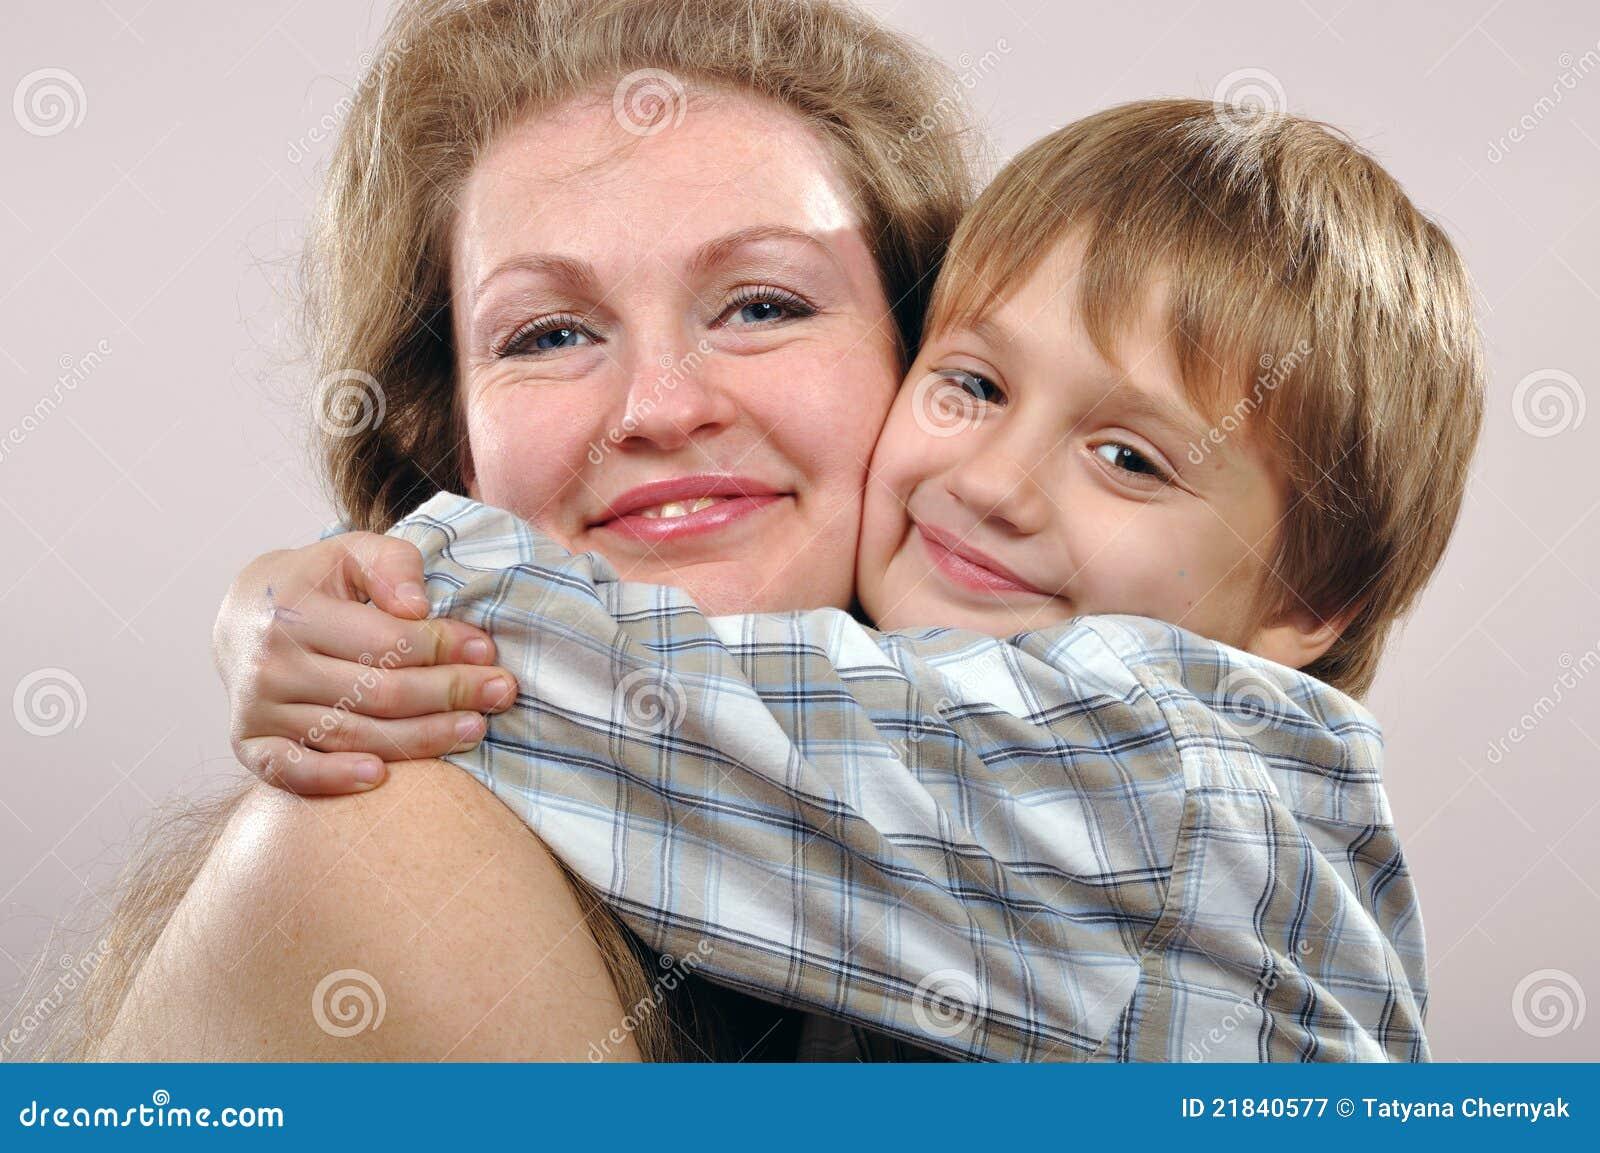 Син ебет свою родную мать, Сын трахнул свою родную мать смотреть онлайн на 18 фотография